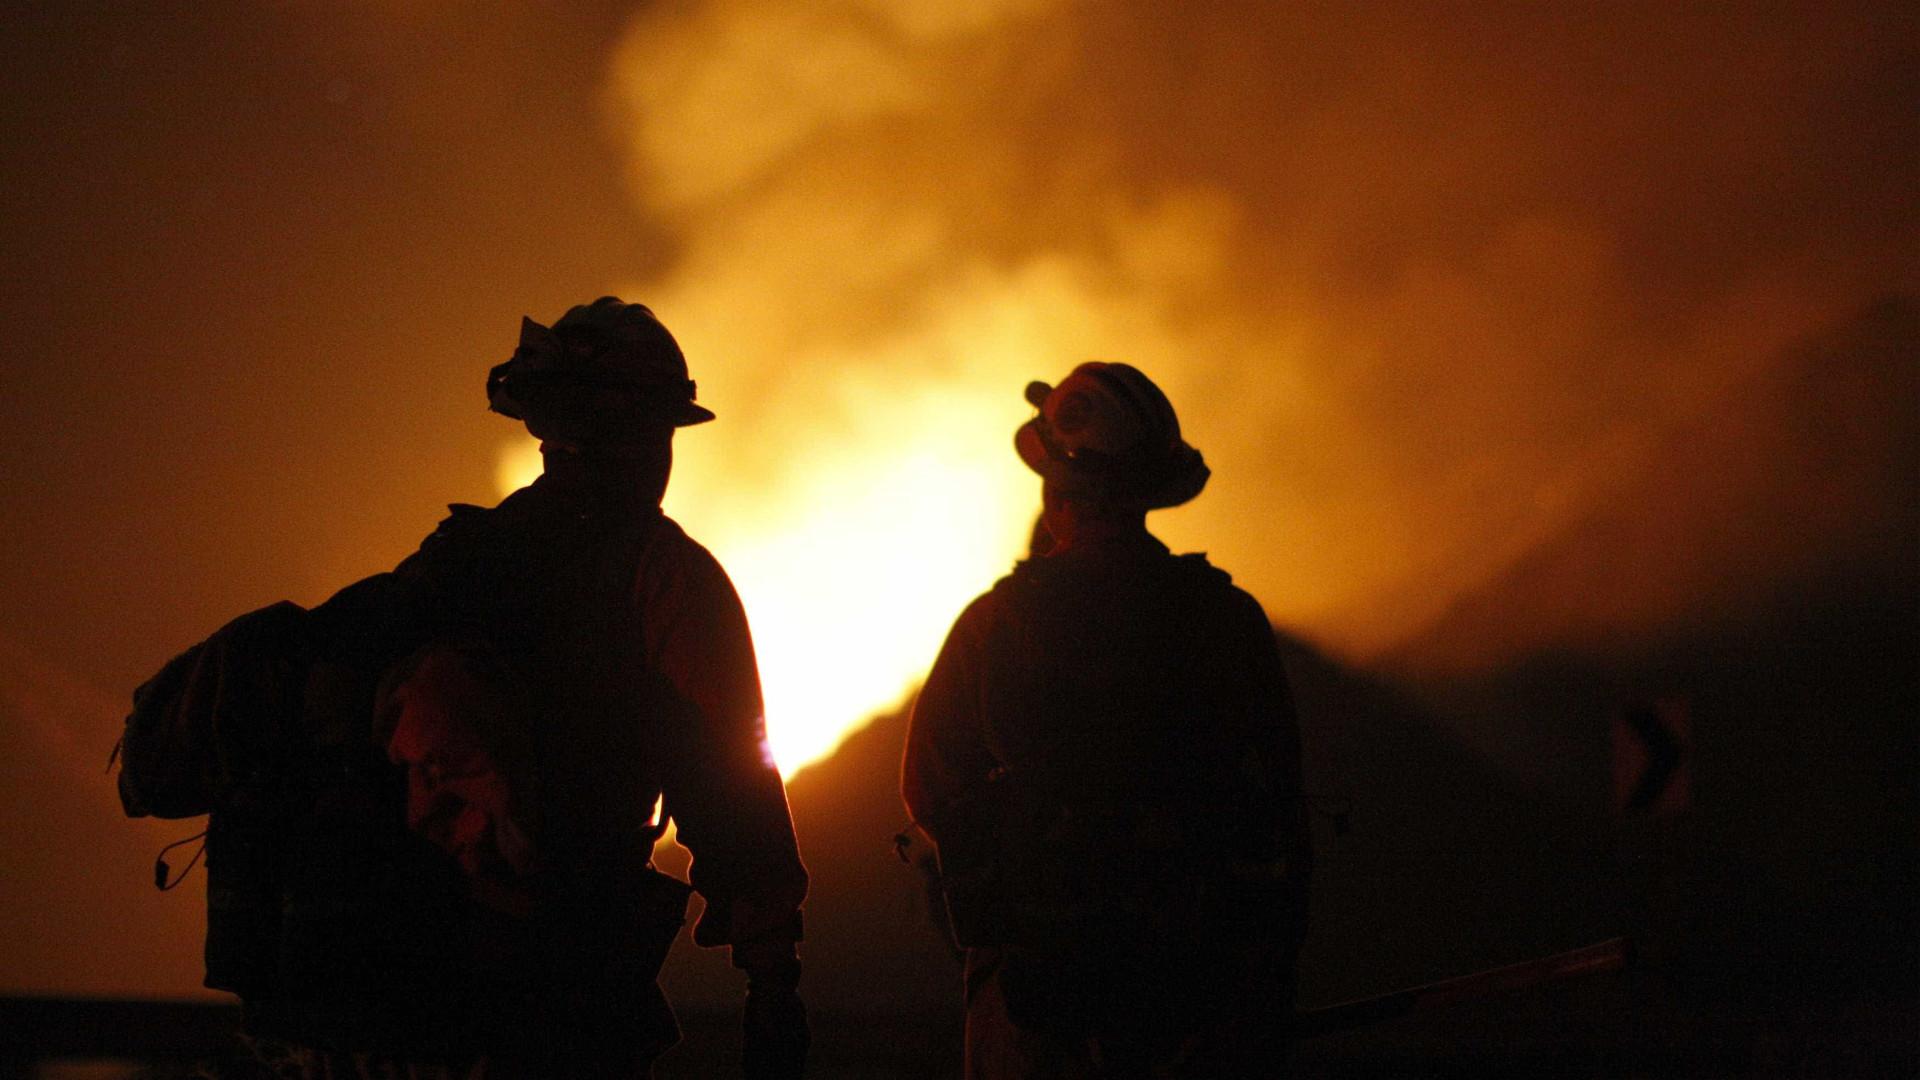 Menores são apreendidos por incendiar escola no RS